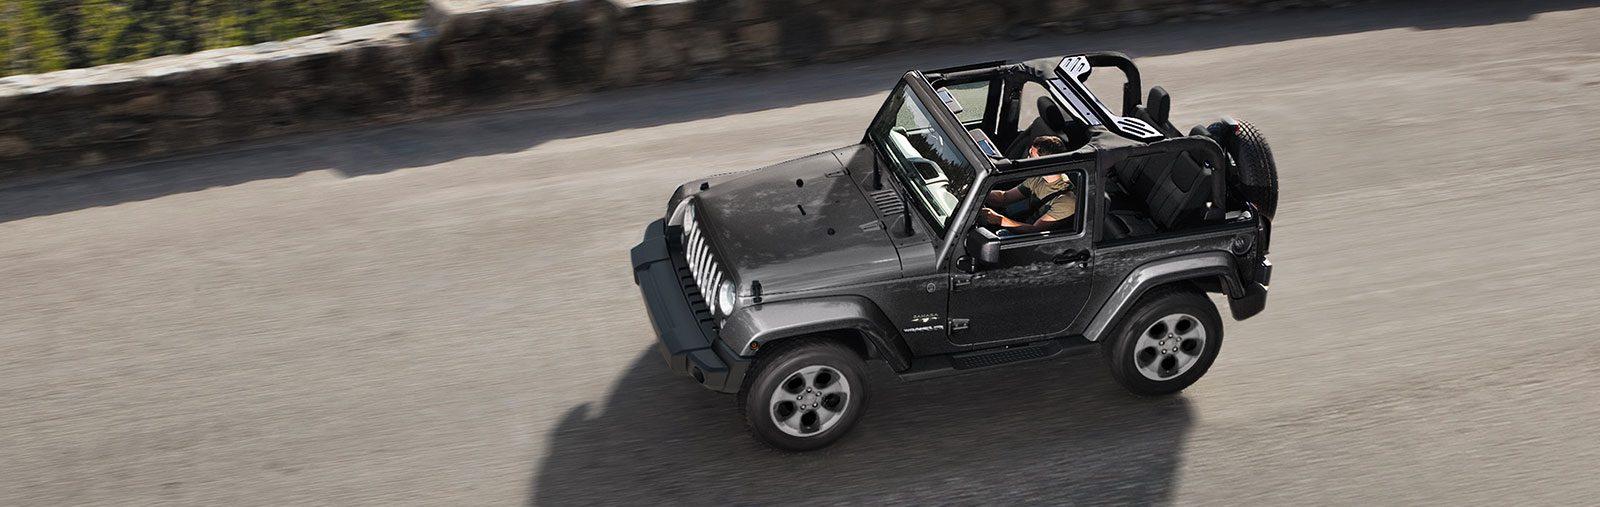 Großzügig Auto Stereo Schaltplan Für 2002 Jeep Freiheit Fotos ...